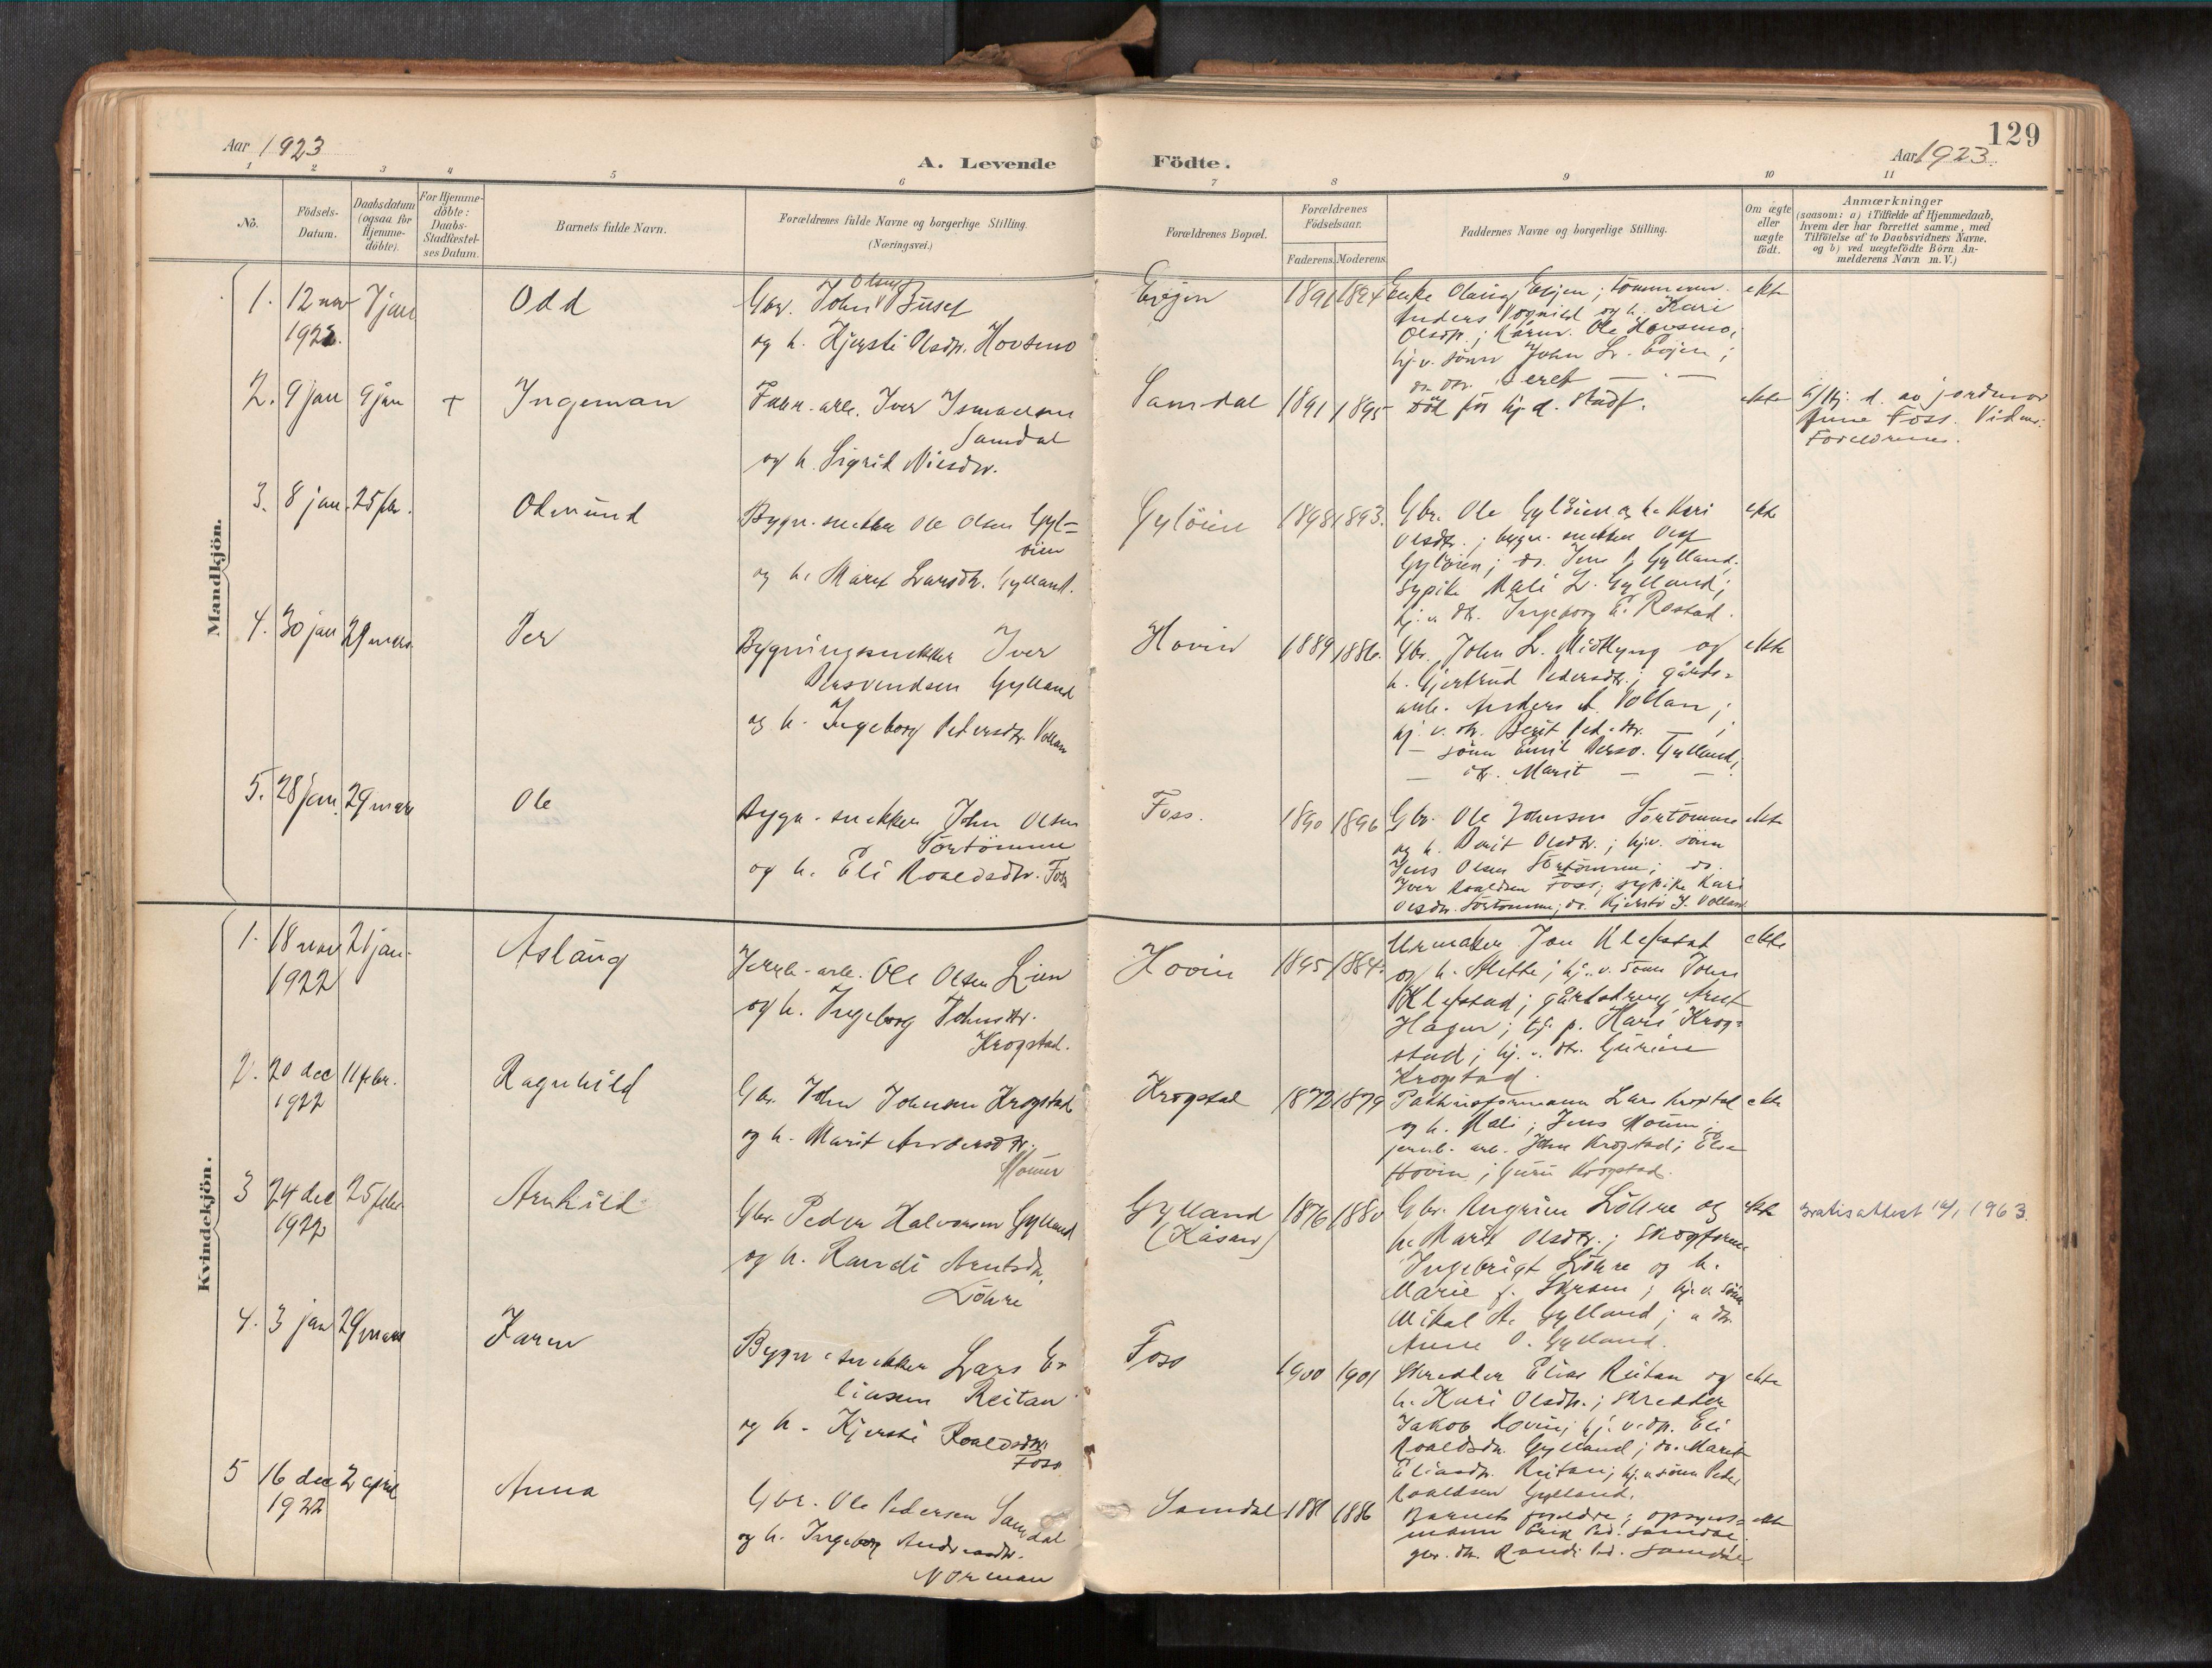 SAT, Ministerialprotokoller, klokkerbøker og fødselsregistre - Sør-Trøndelag, 692/L1105b: Ministerialbok nr. 692A06, 1891-1934, s. 129